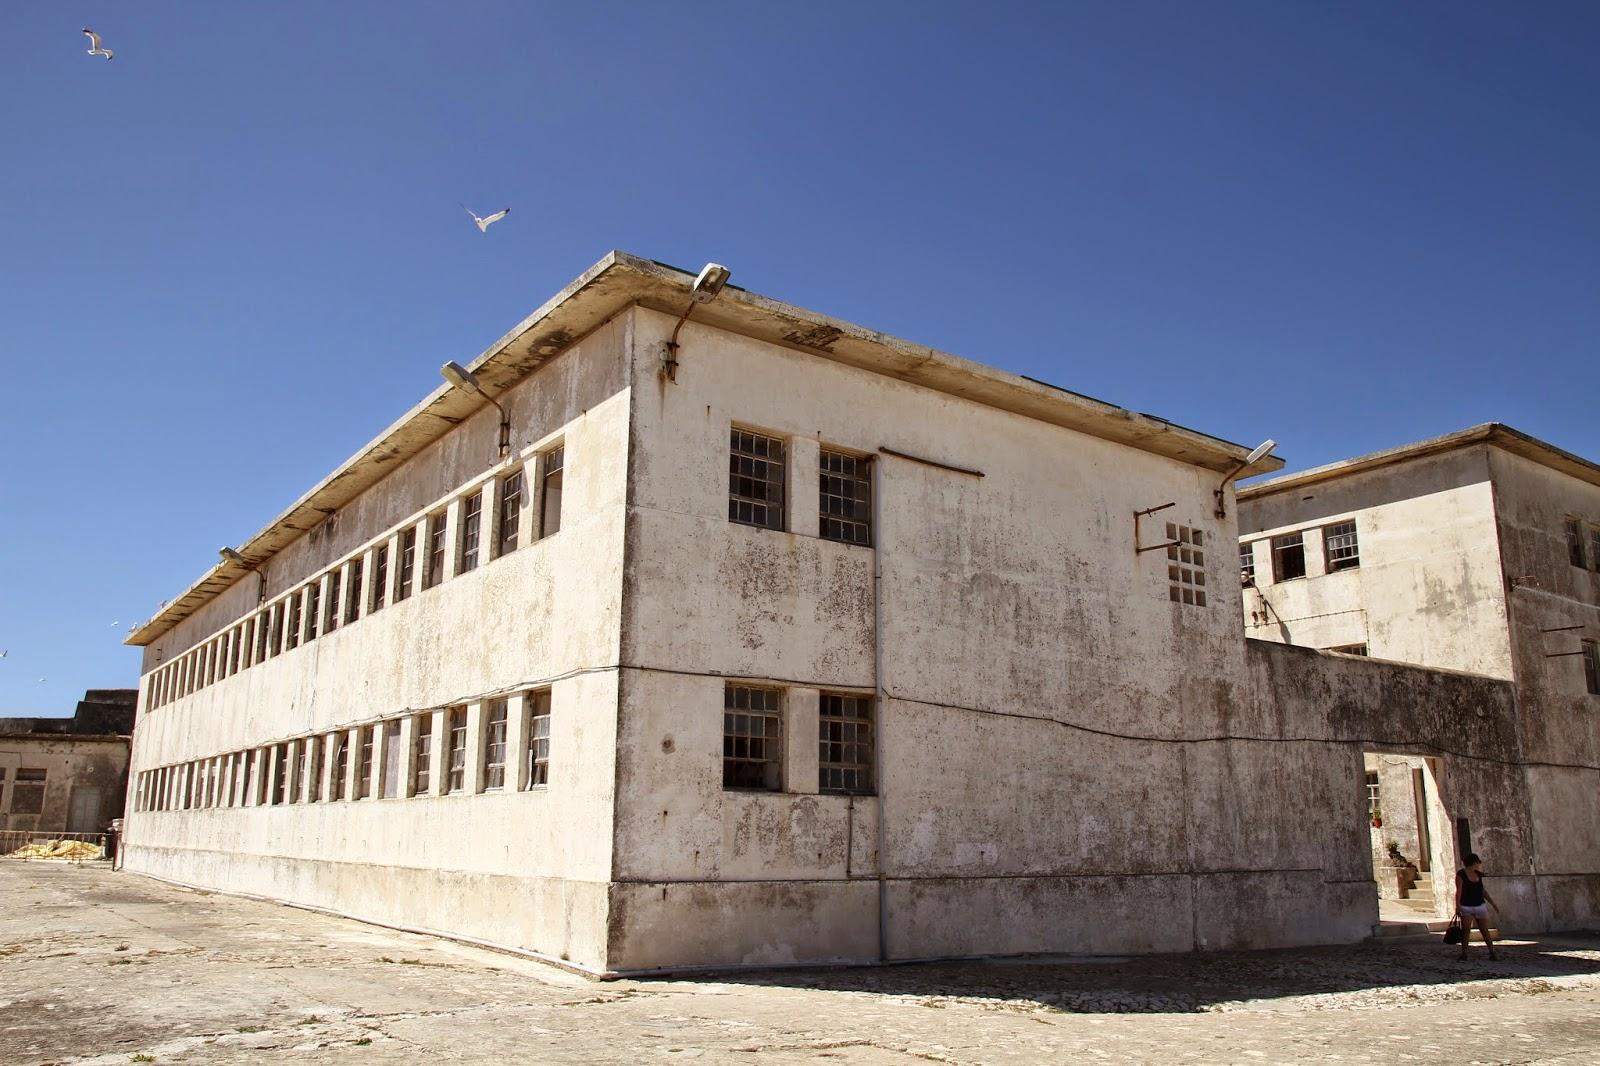 Forte de Peniche - Testemunho de Opressão e Luta pela Liberdade | Portugal